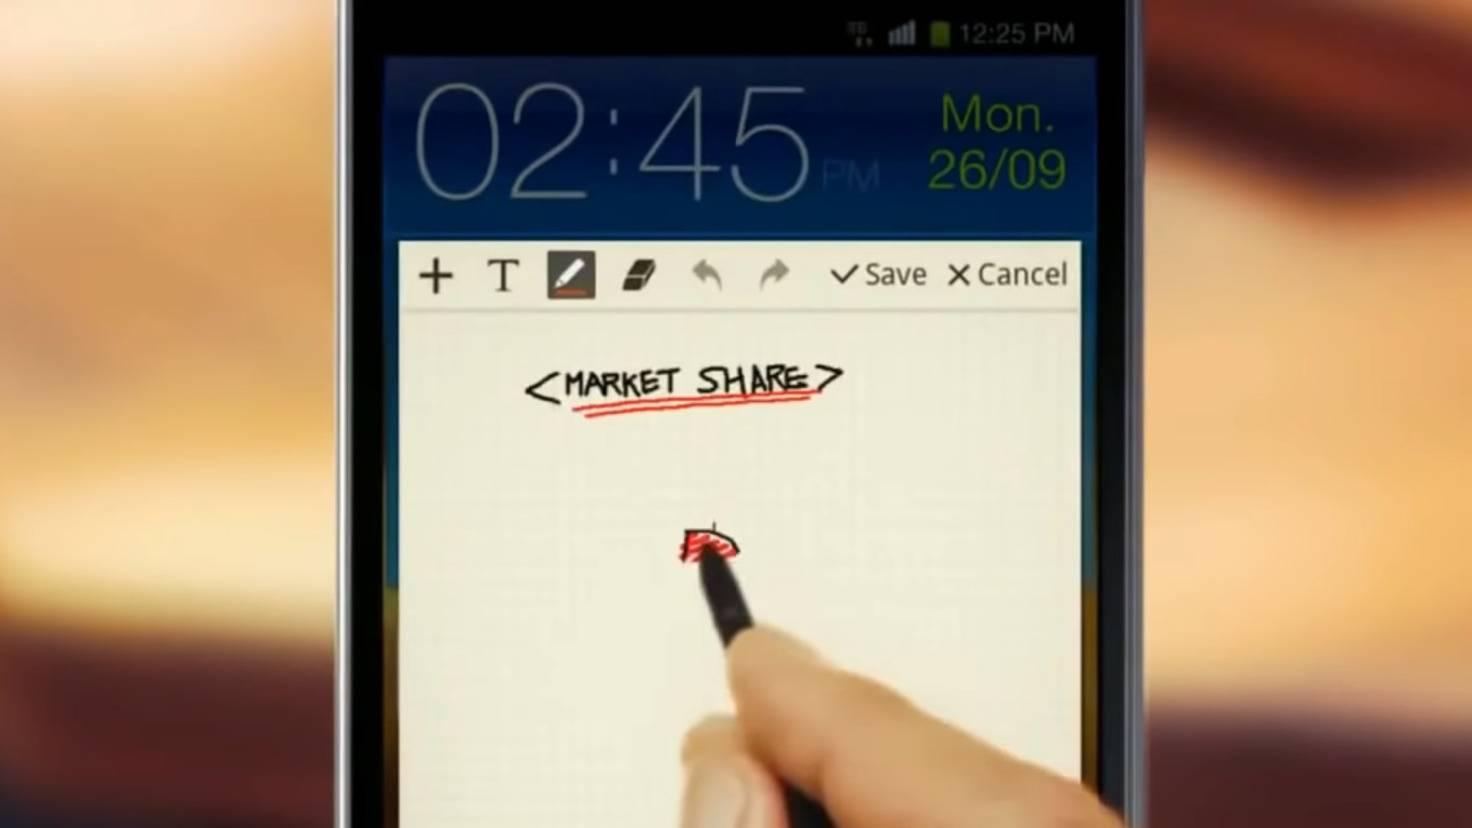 Samsung-Galaxy-Note-1-S-Pen-2